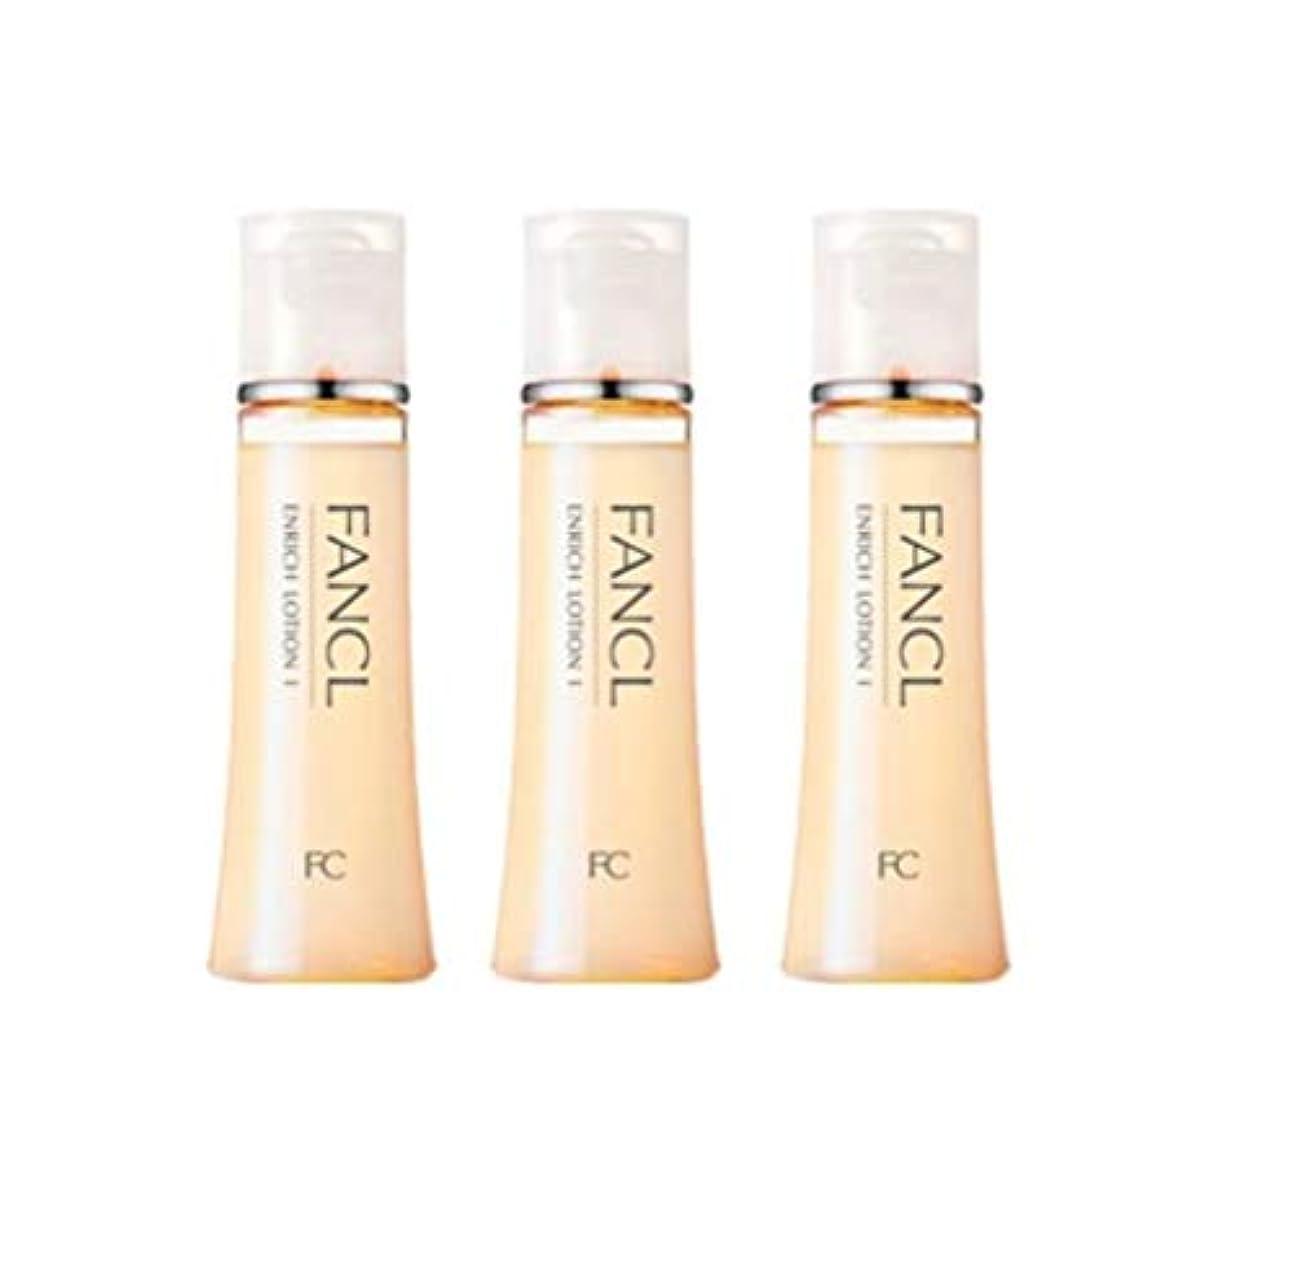 コンチネンタル親密なスポーツファンケル(FANCL)エンリッチ 化粧液I さっぱり 3本セット(30mL×3)